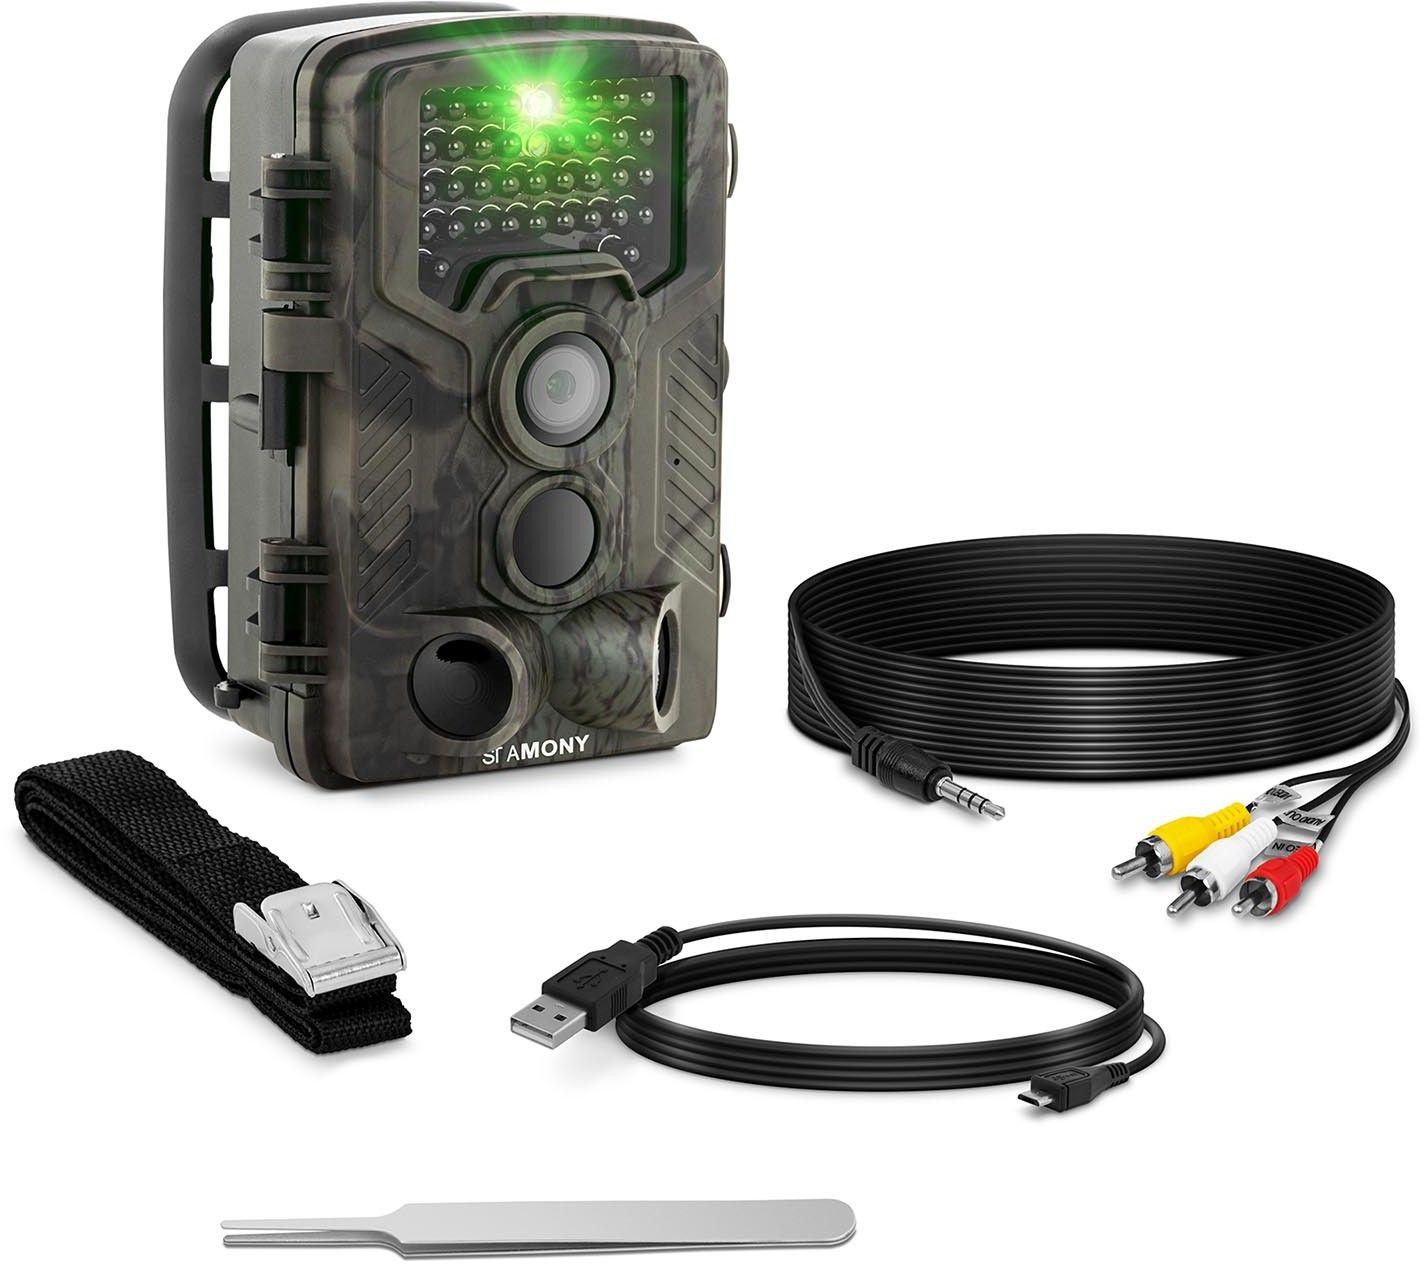 Fotopułapka - 8 MP - Full HD - 42 IR LED - 20 m - 0,3 s - 3G - StaMony - ST-HC-8000G - 3 lata gwarancji/wysyłka w 24h